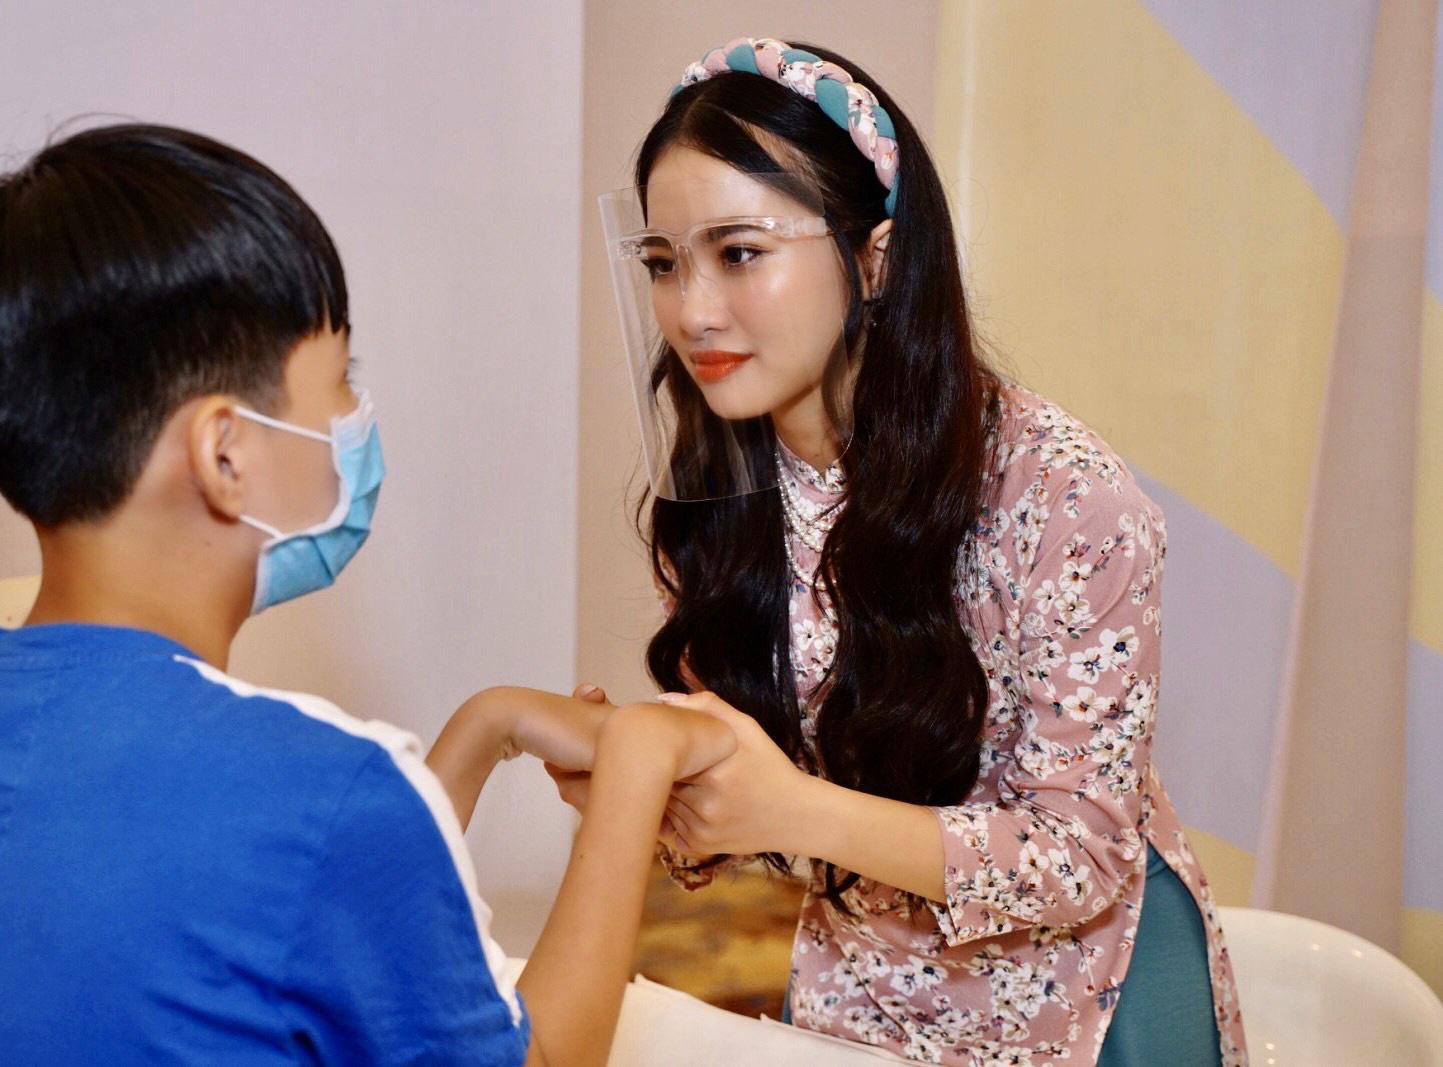 Lệ Trang chiến thắng ở sự kiện Handshake của SGO48, chính thức lọt top 16 trong single tiếp theo! - Ảnh 12.